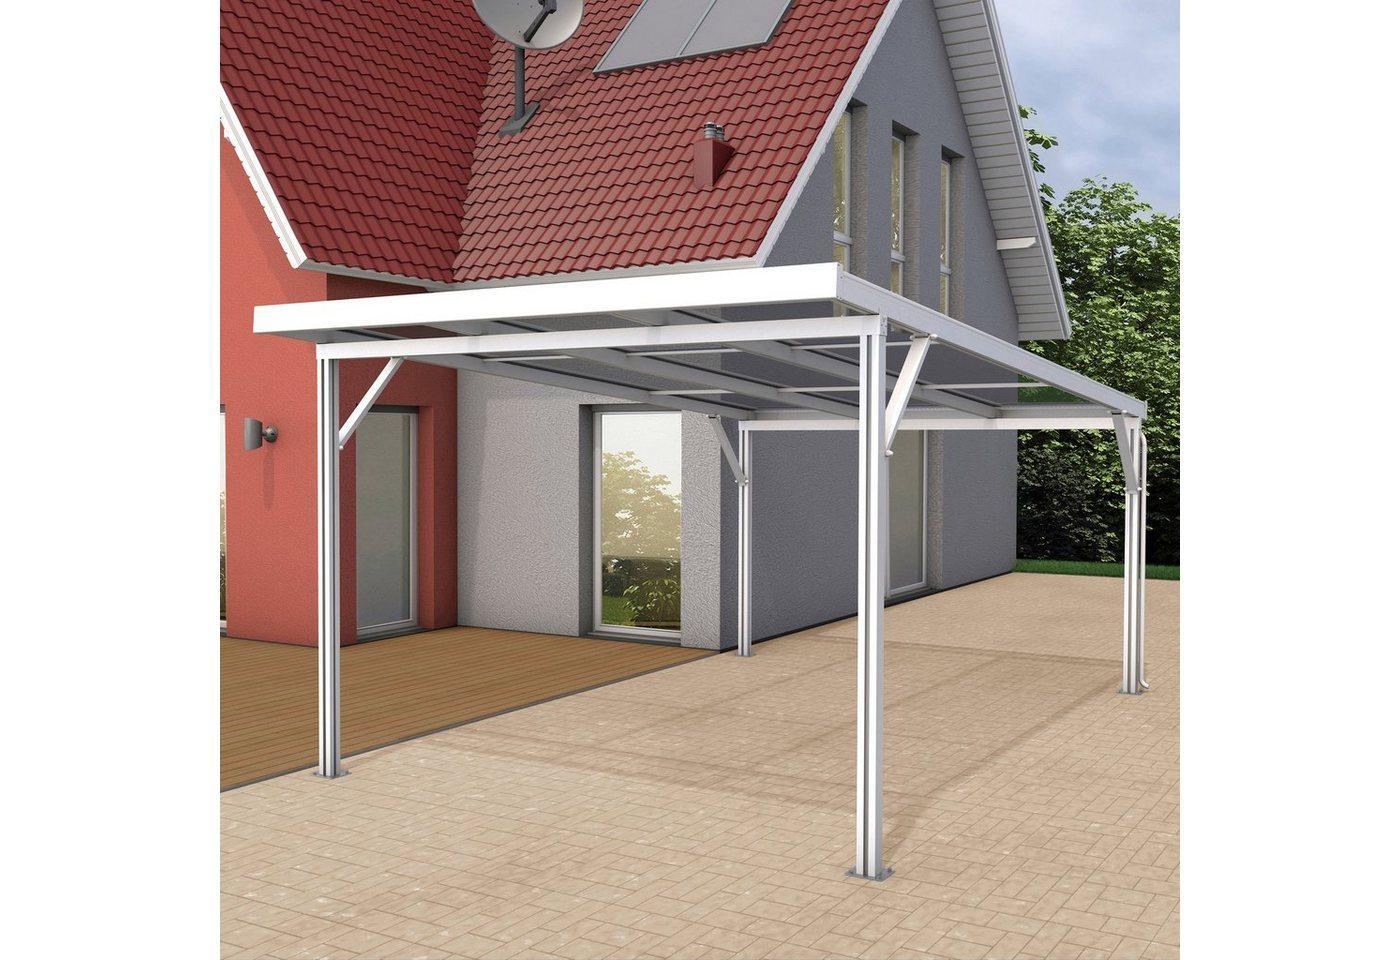 GUTTA Einzelcarport »Premium«, 200 cm Einfahrtshöhe, BxT: 309x562 cm, Dacheindeckung Acryl klar, weiß